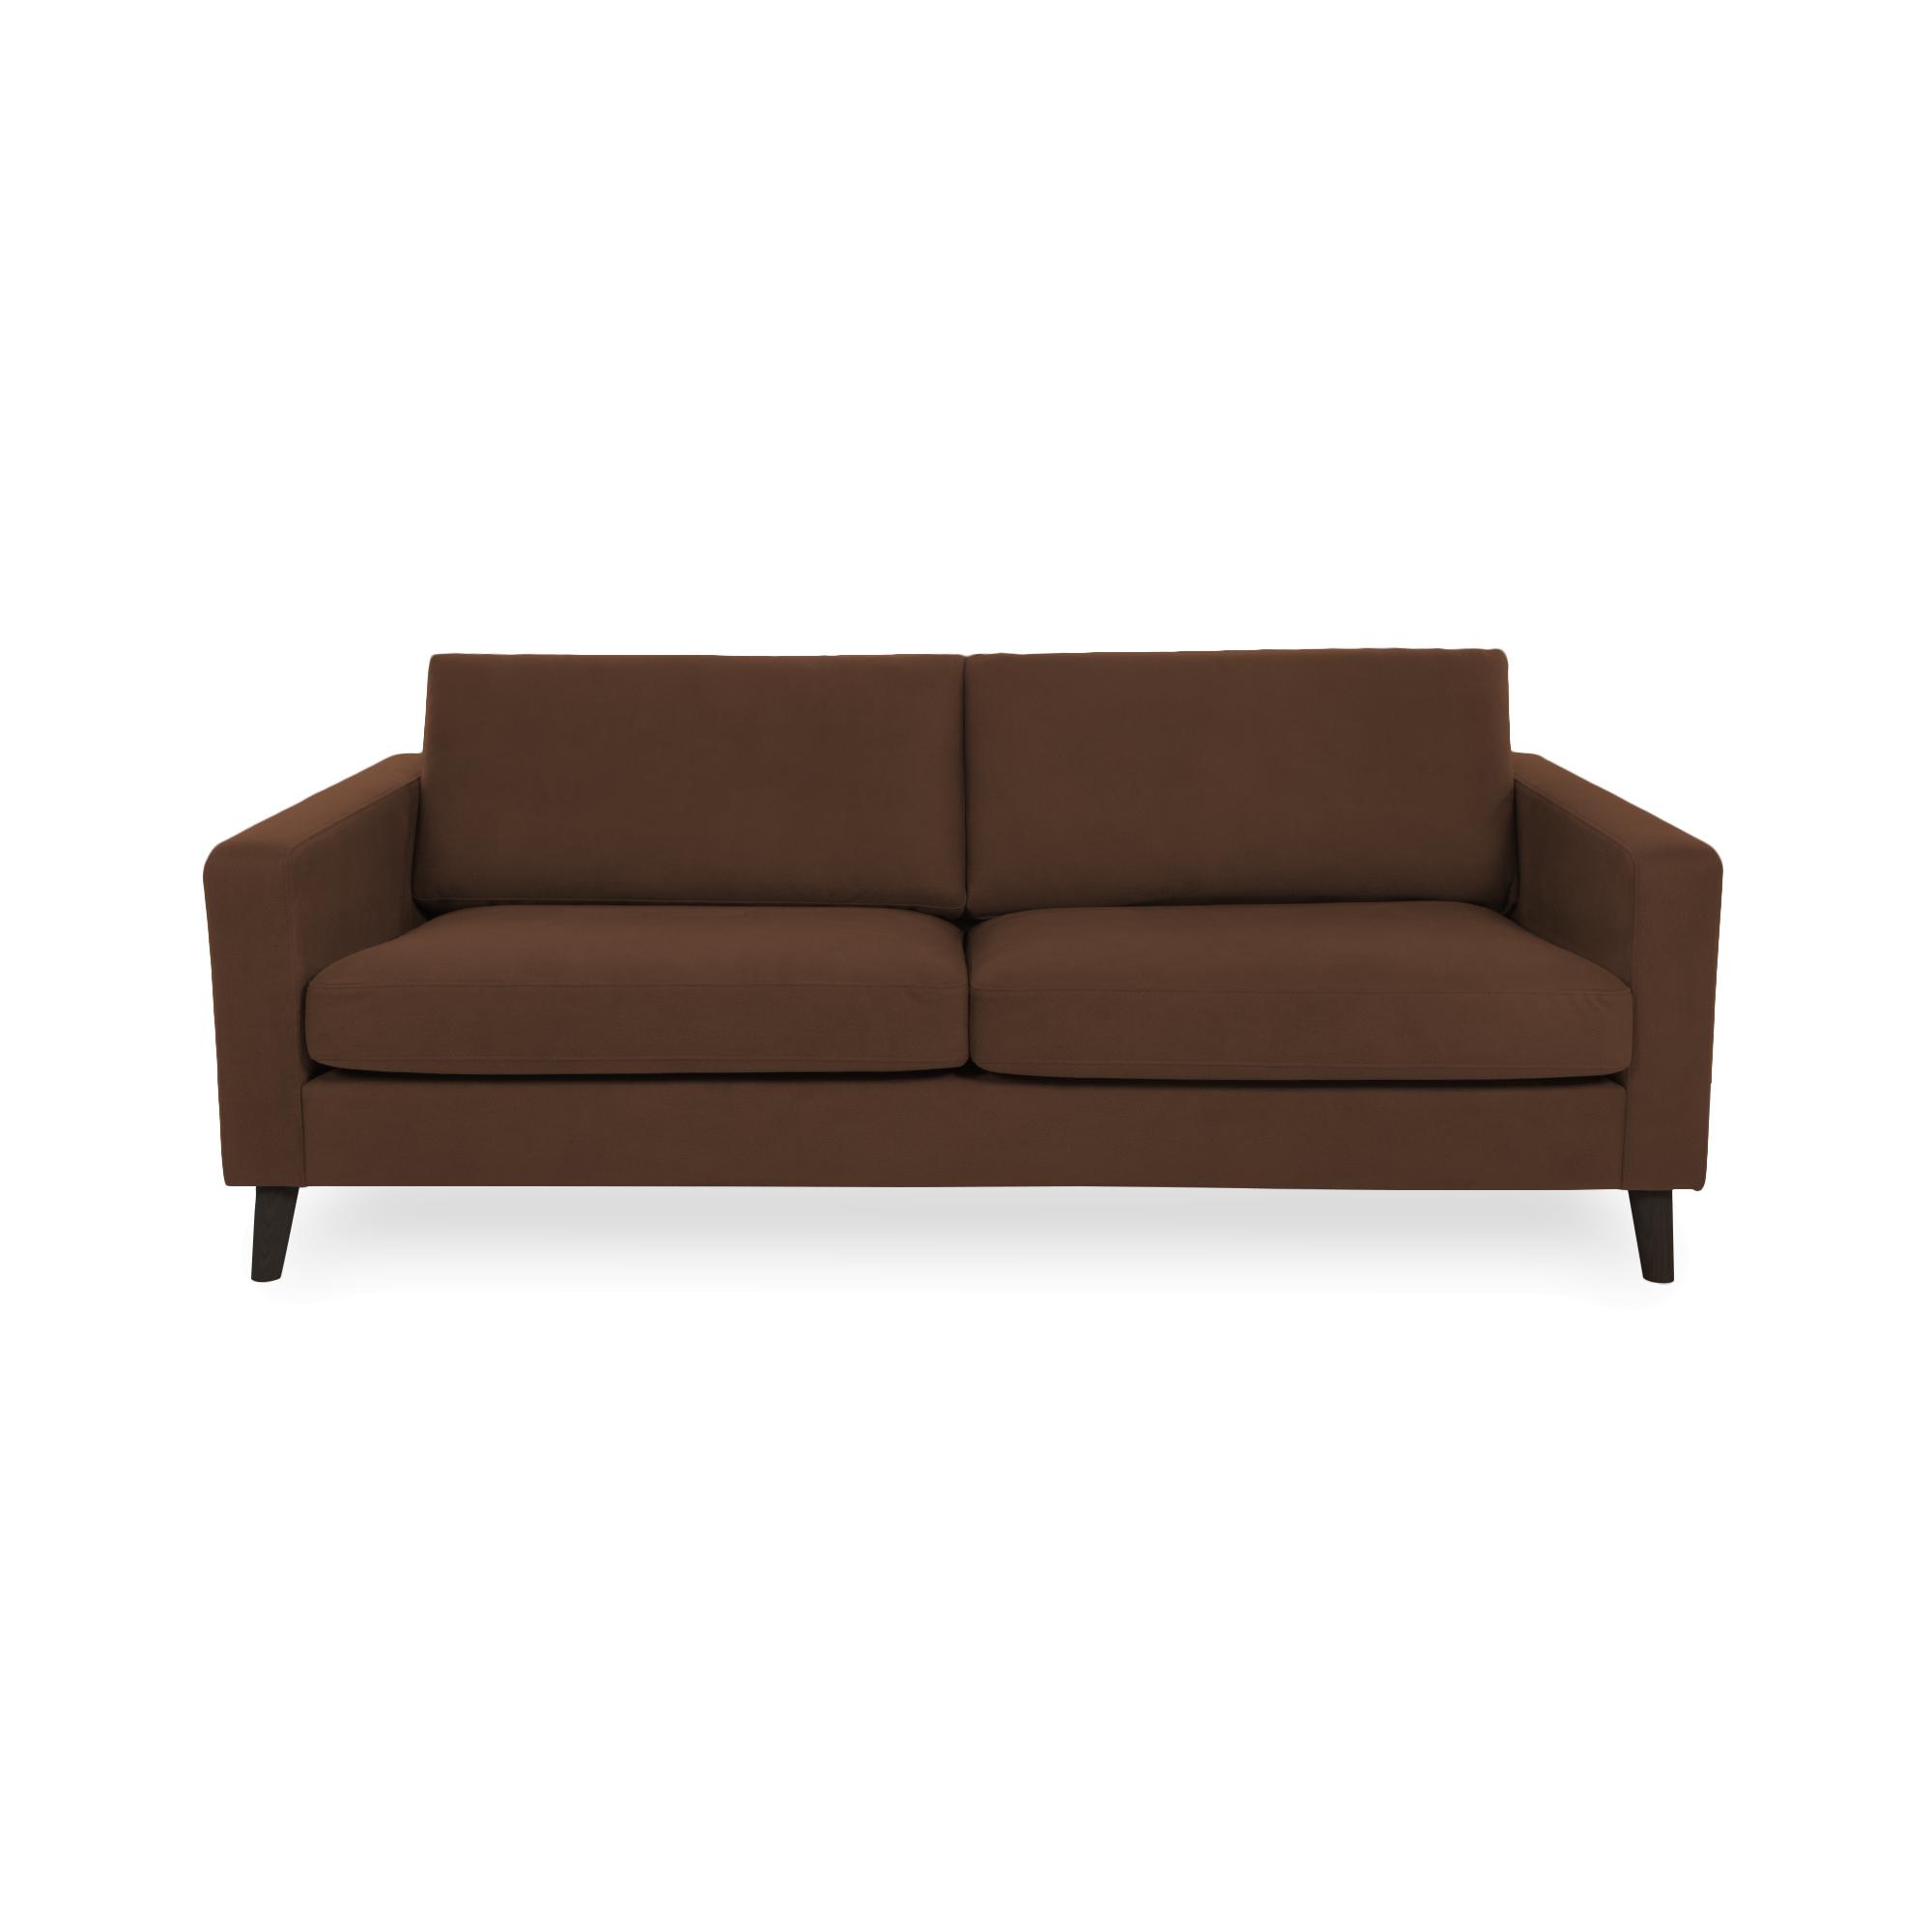 Canapea Fixa 3 locuri Tom Cognac/Black